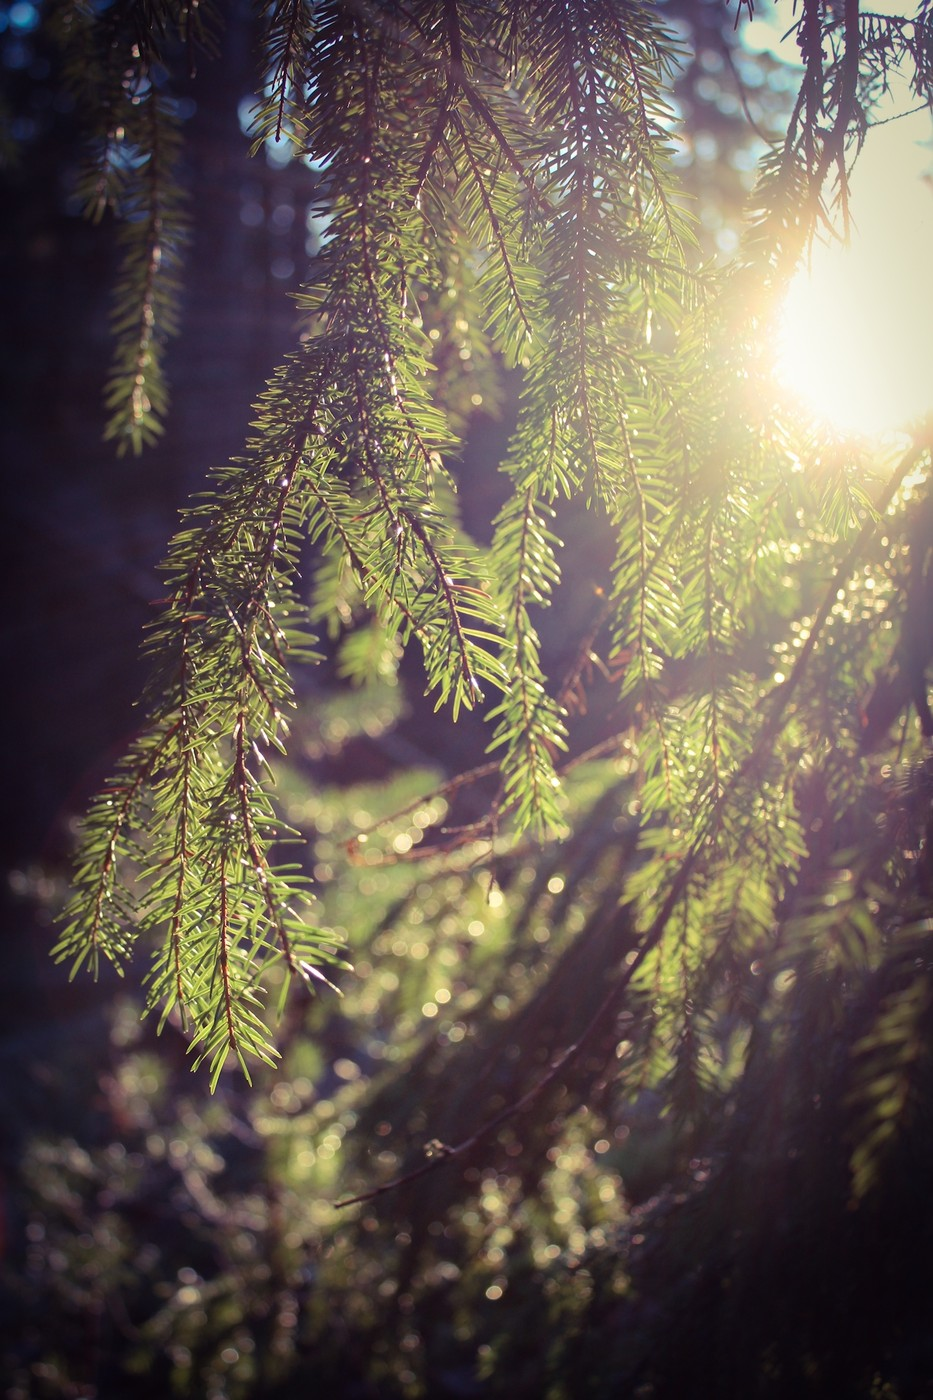 AdobePhotoshopExpress_2013_11_23_173558.jpg